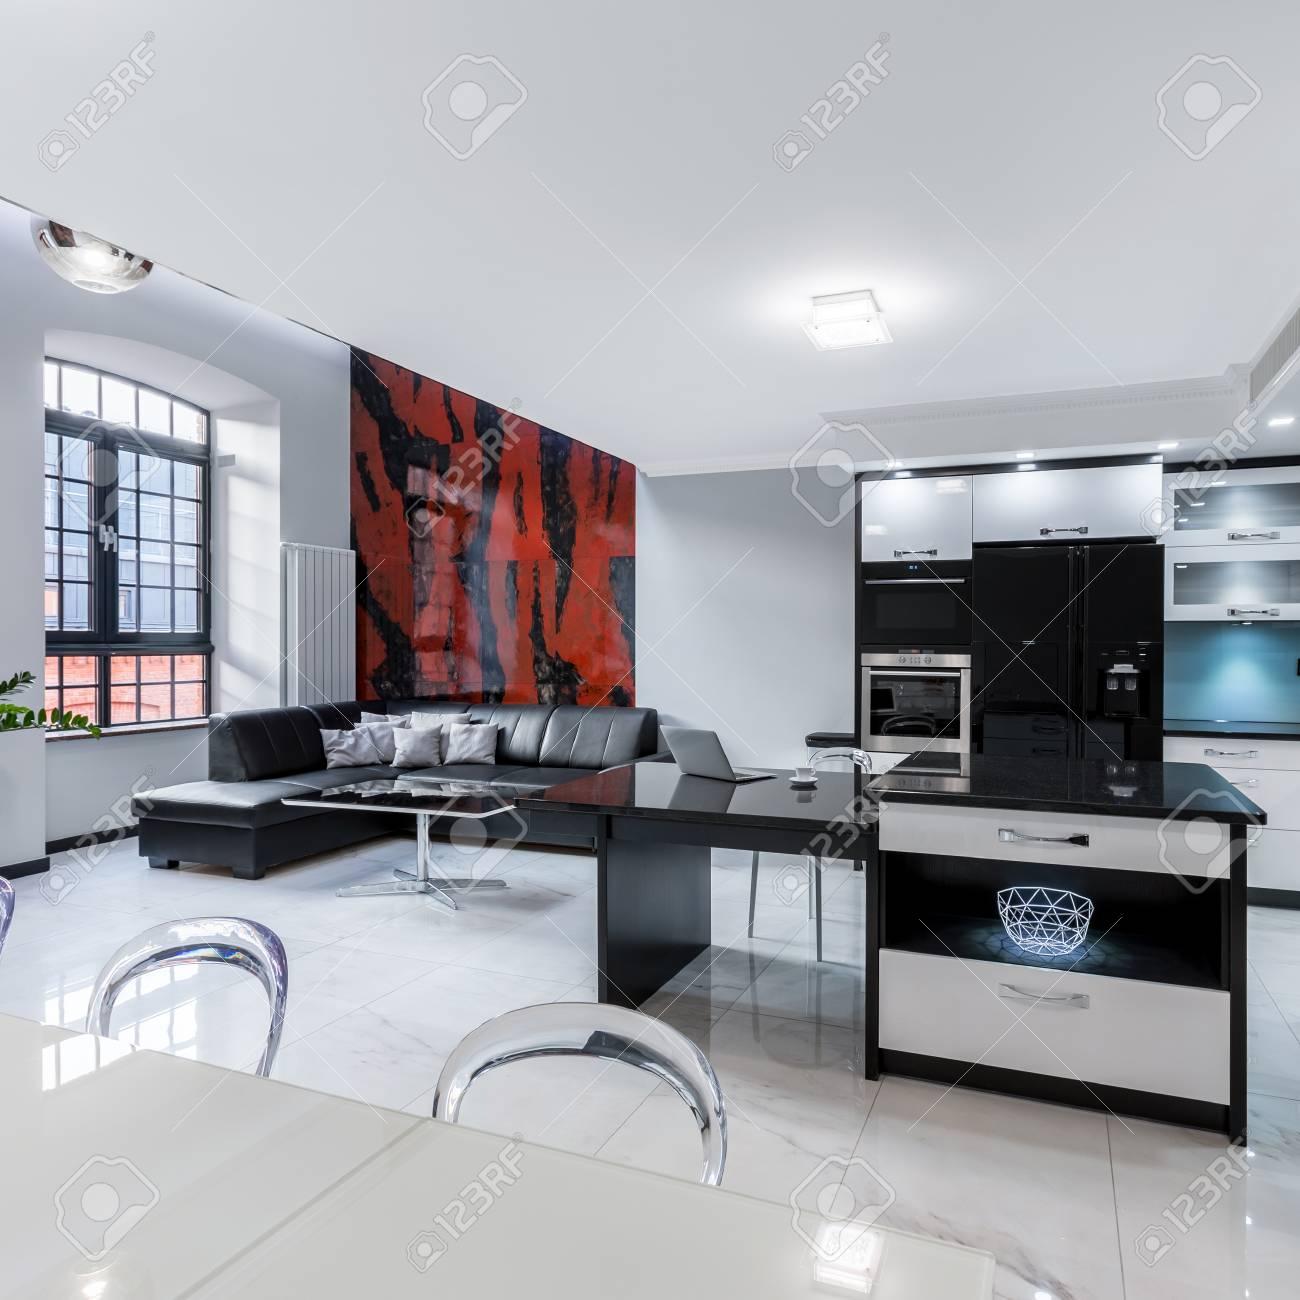 Moderne Weisse Wohnung Mit Kuche Offen Zum Wohnzimmer Lizenzfreie